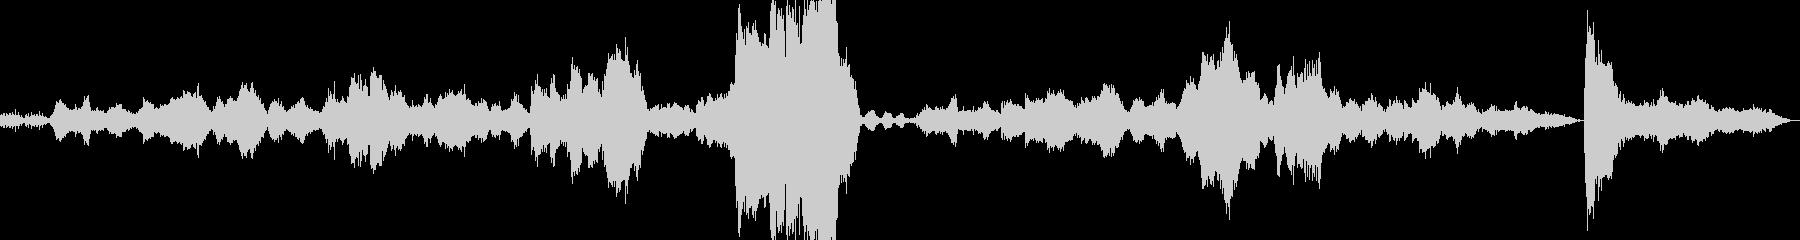 タイスの瞑想曲 マスネの未再生の波形